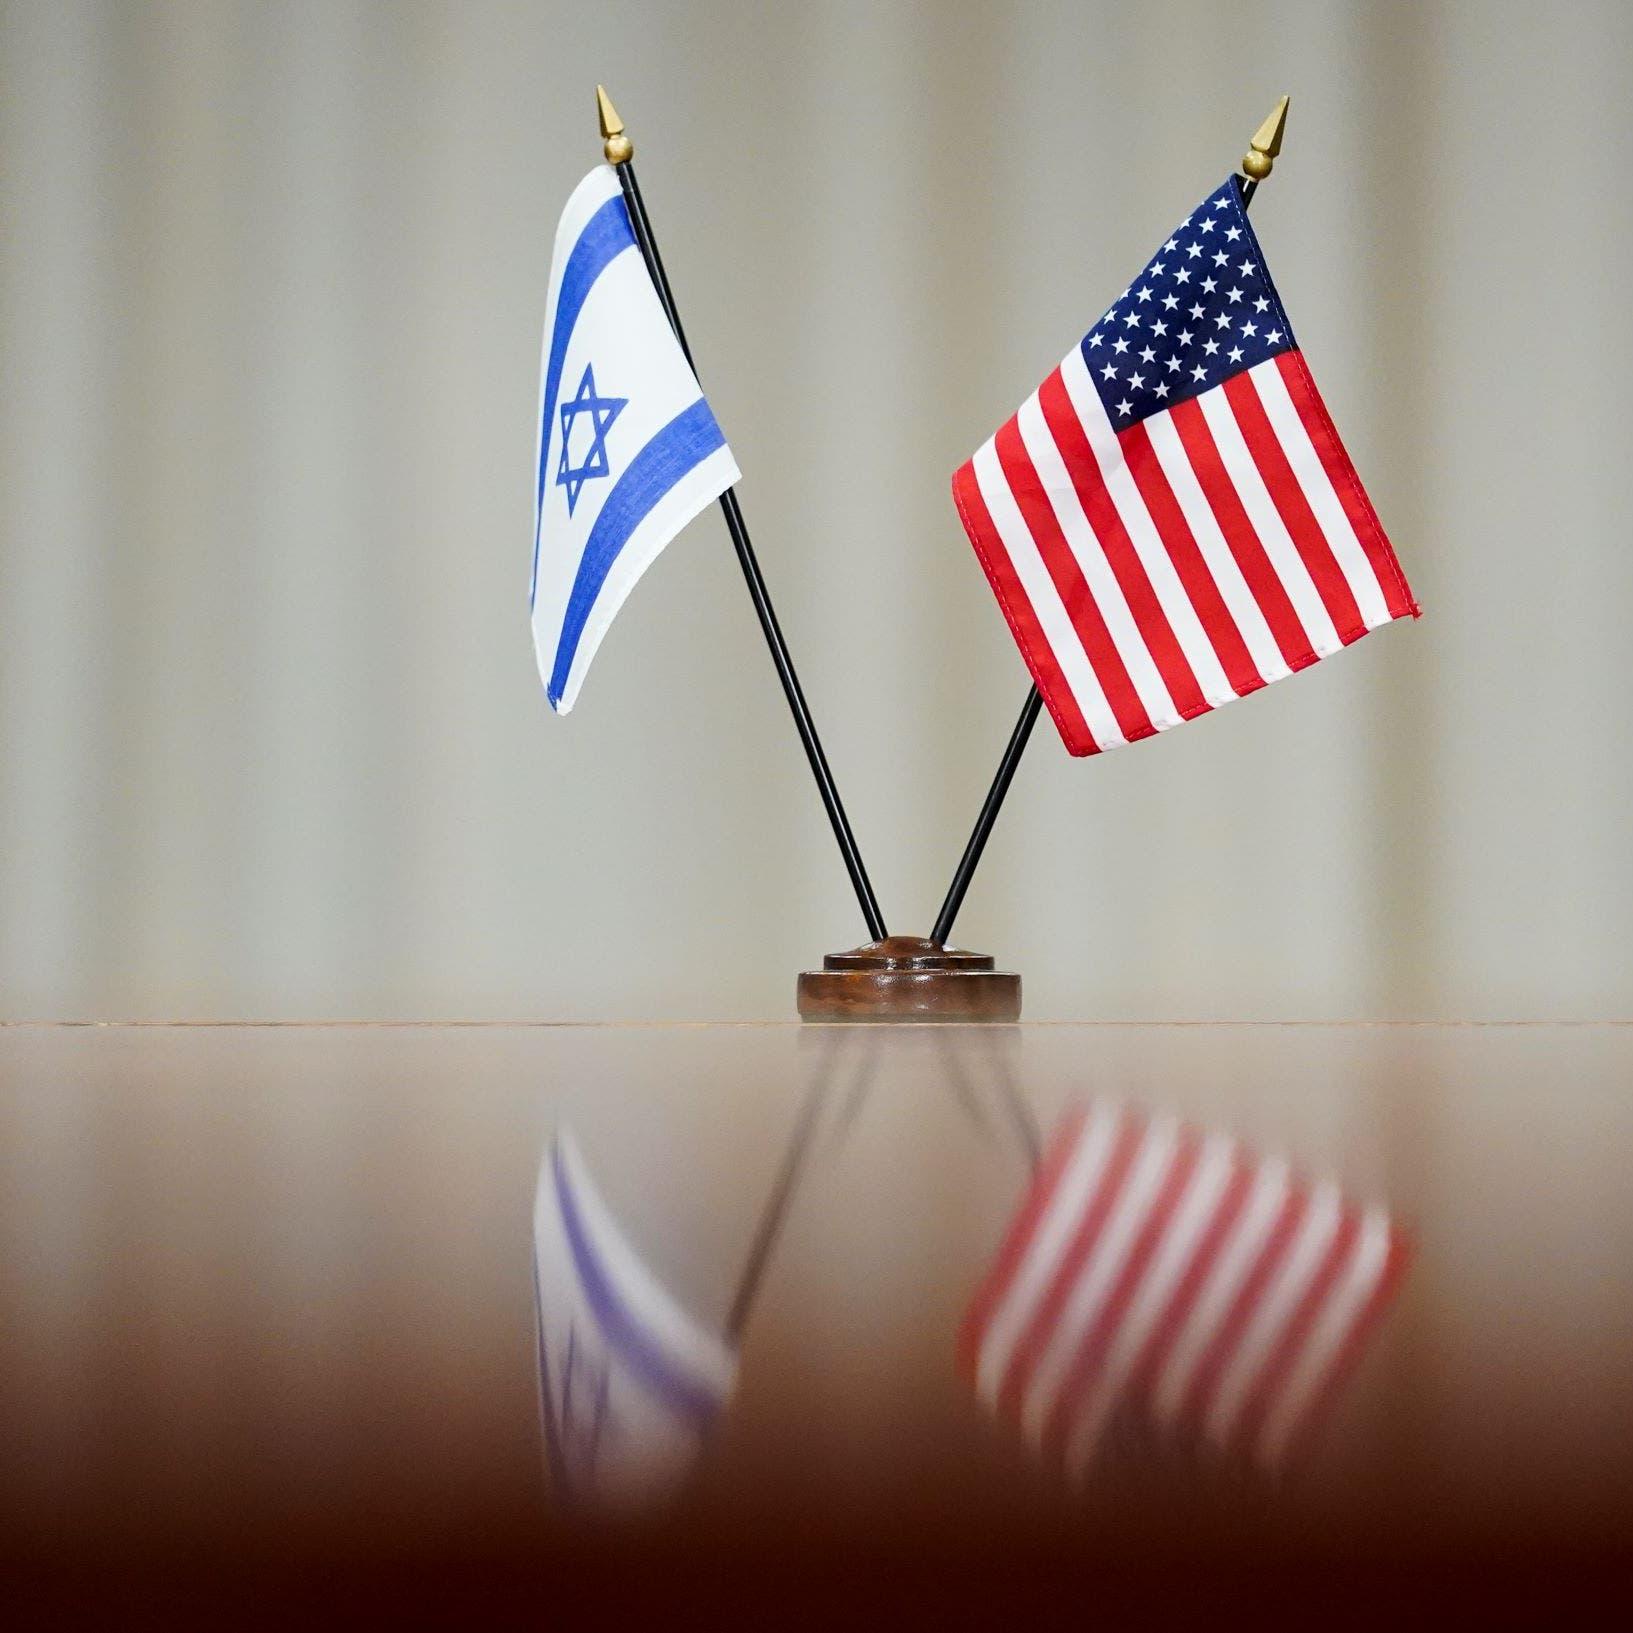 القوات الأميركية بإسرائيل تنضم إلى القيادة المركزية الأميركية